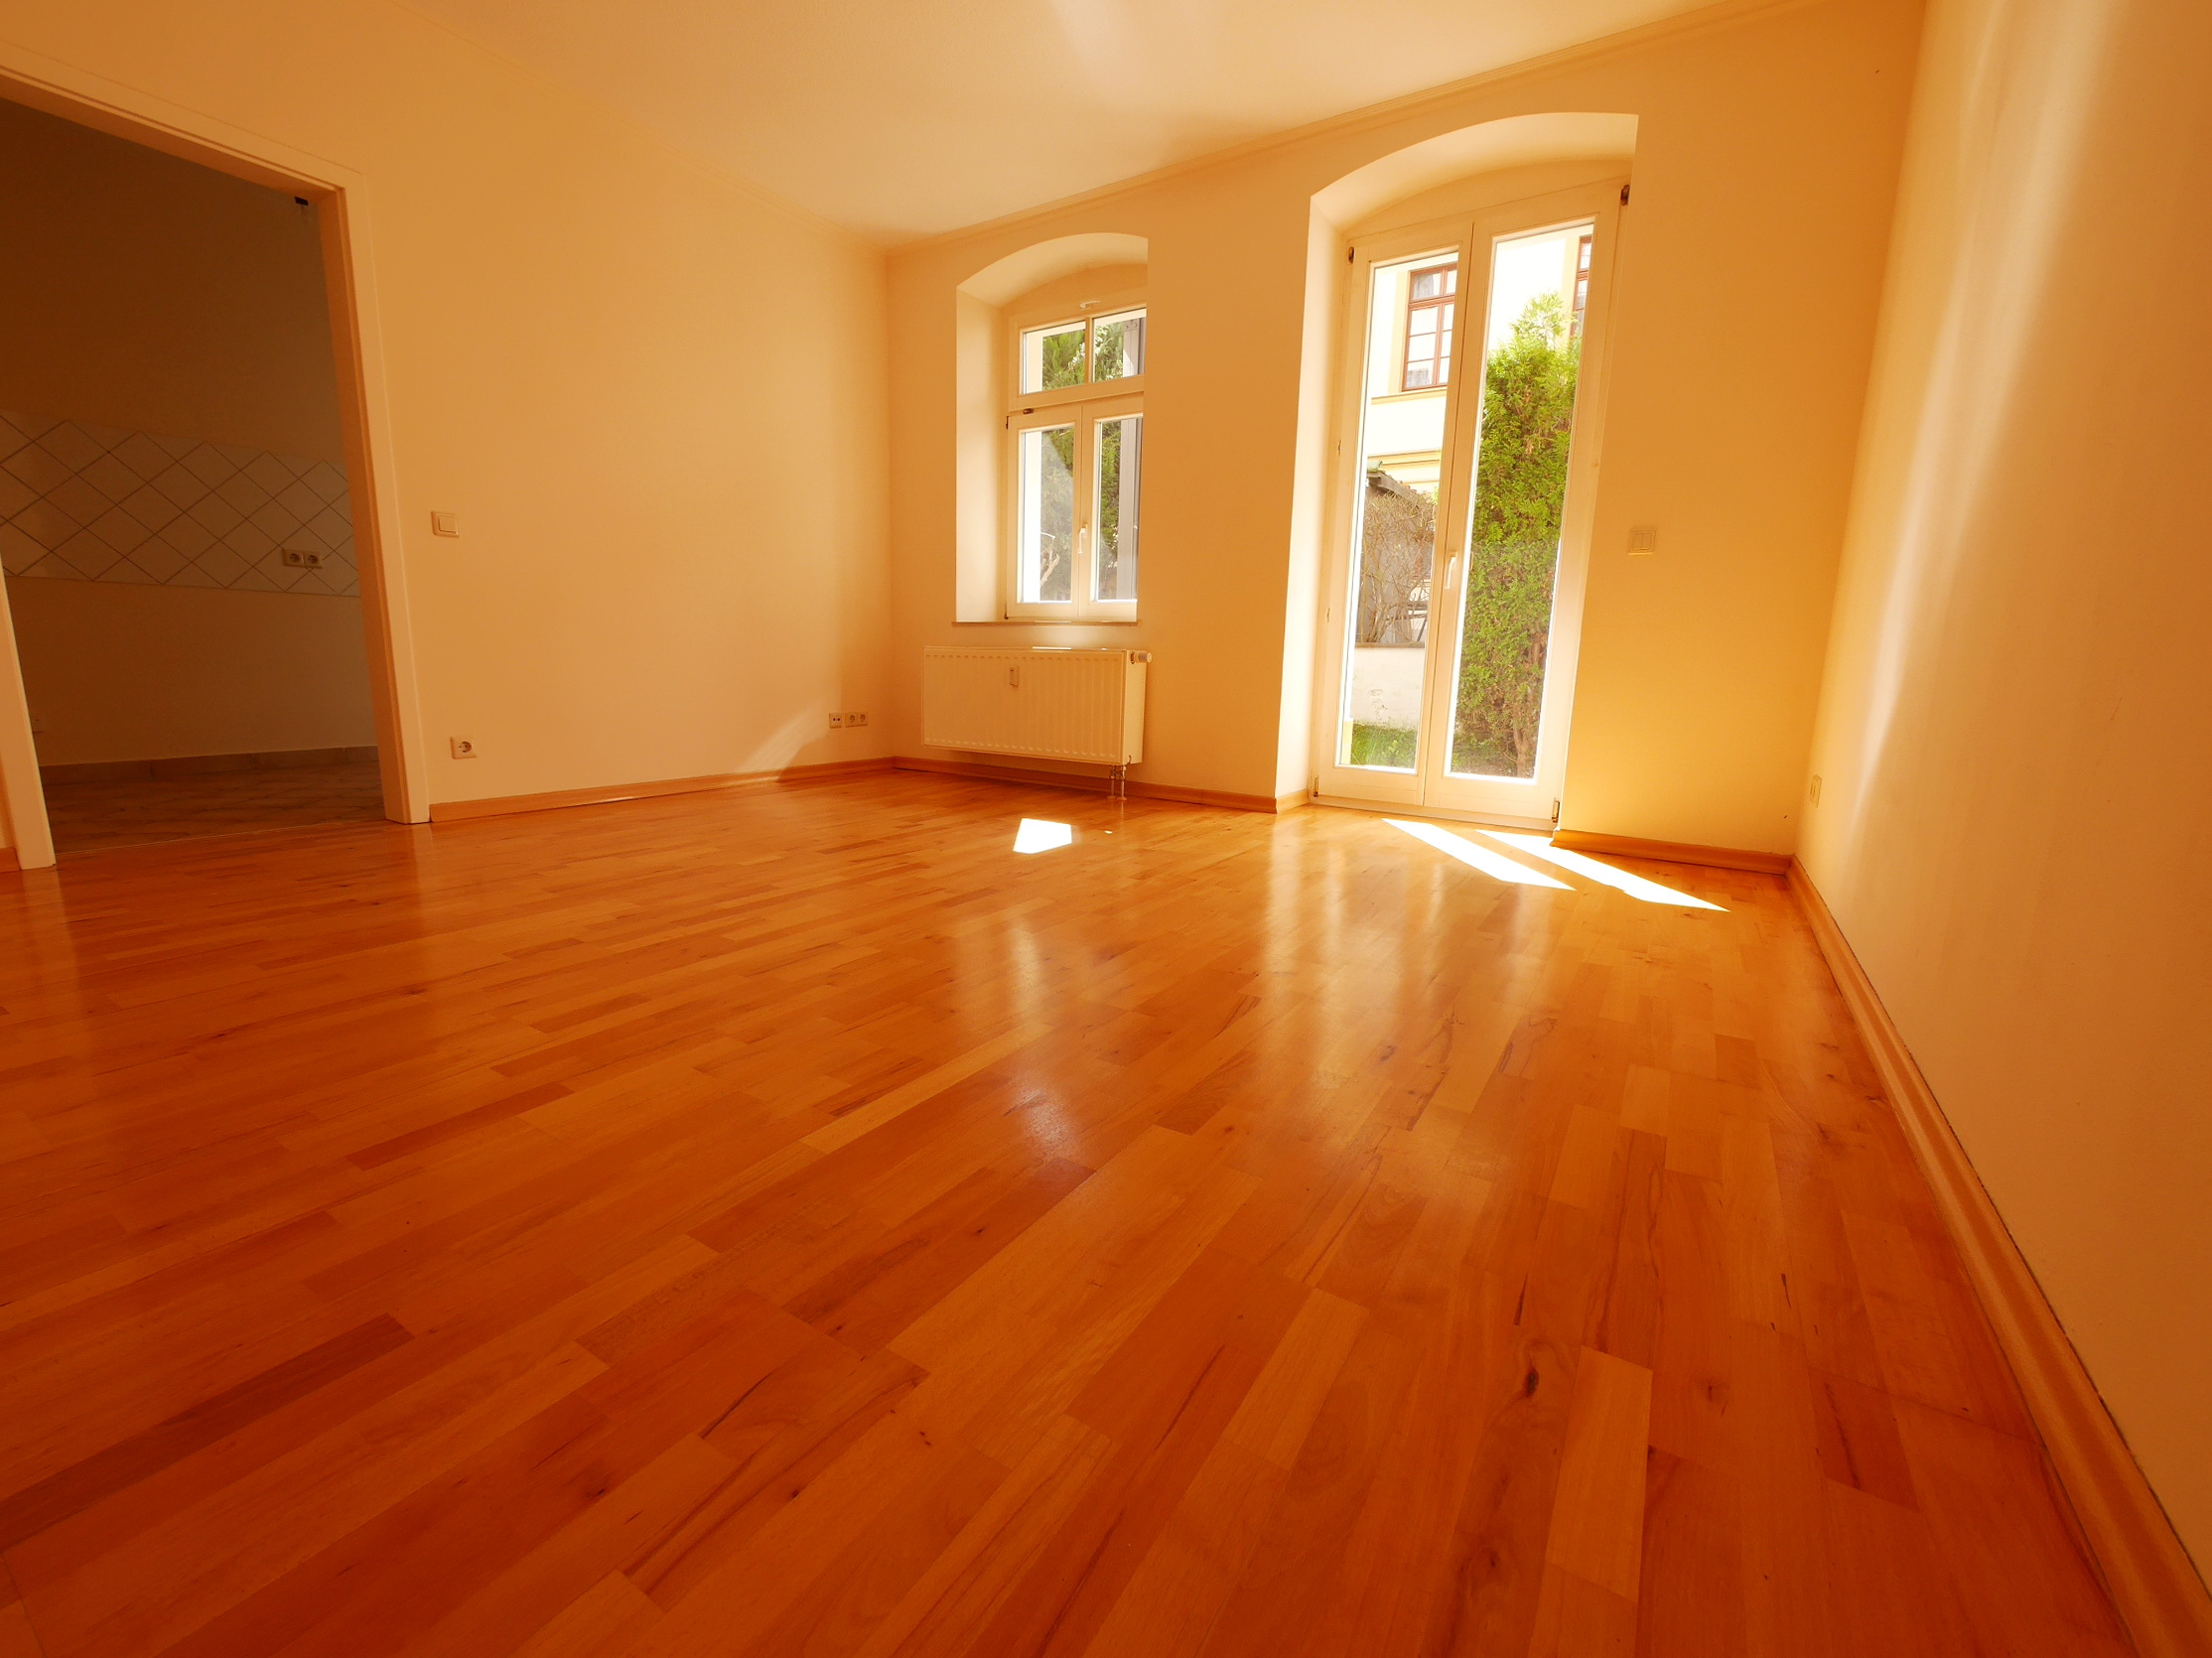 Mietwohnung: Vermietung von 3-Raum-Wohnung in Görlitz, Emmerichstraße 21